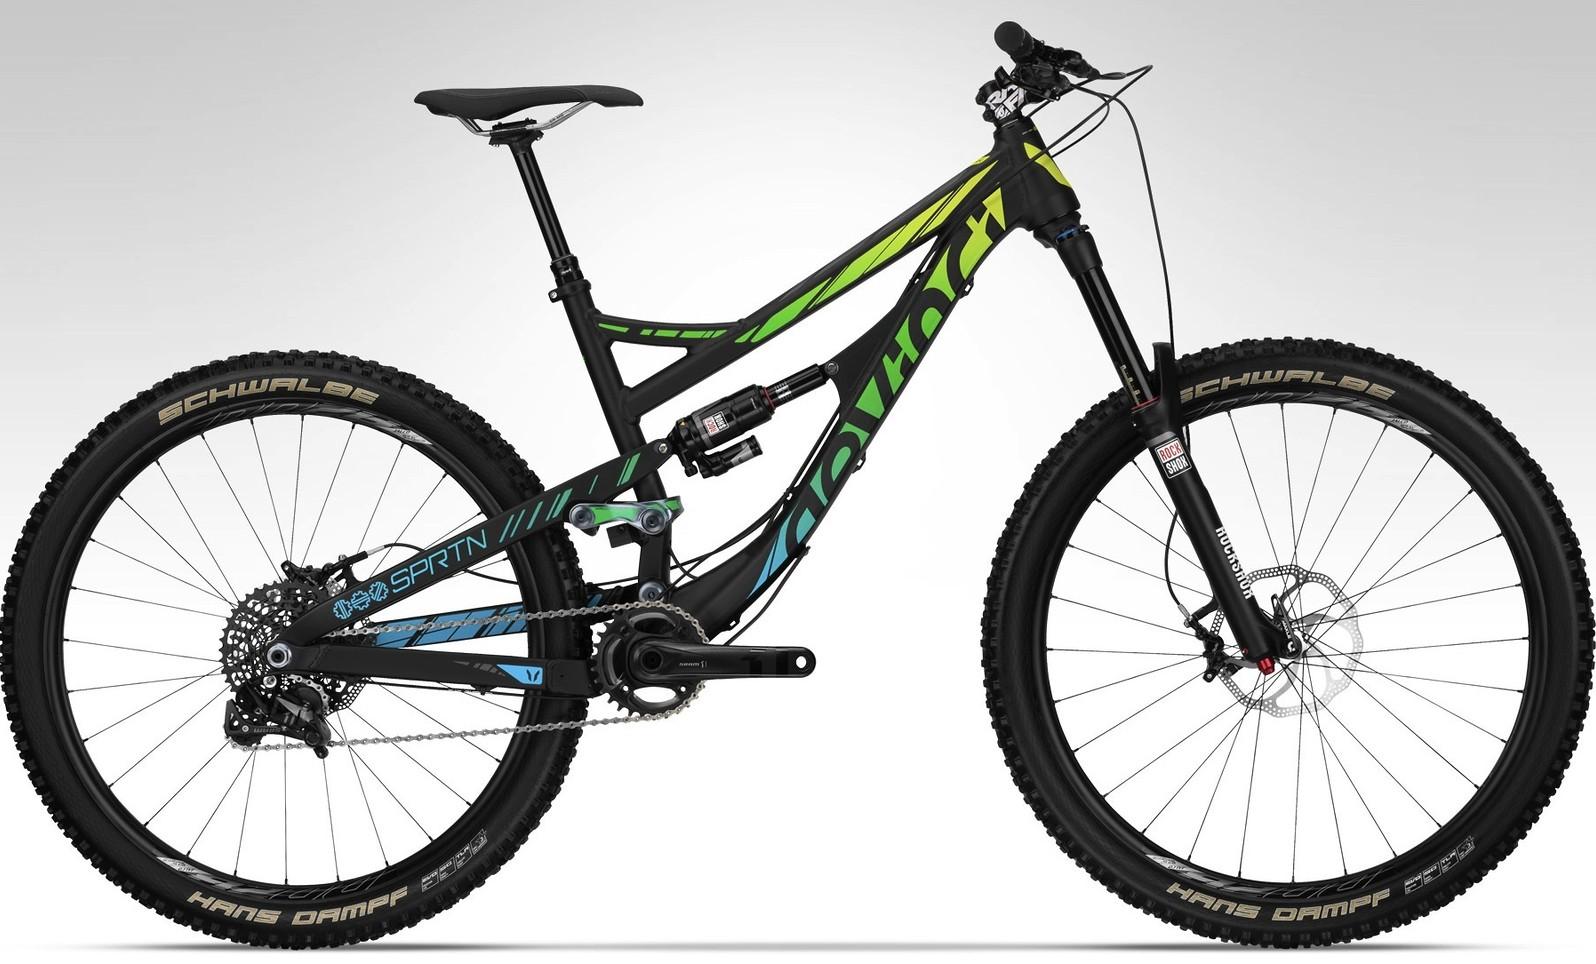 Devinci SPARTAN SX bike